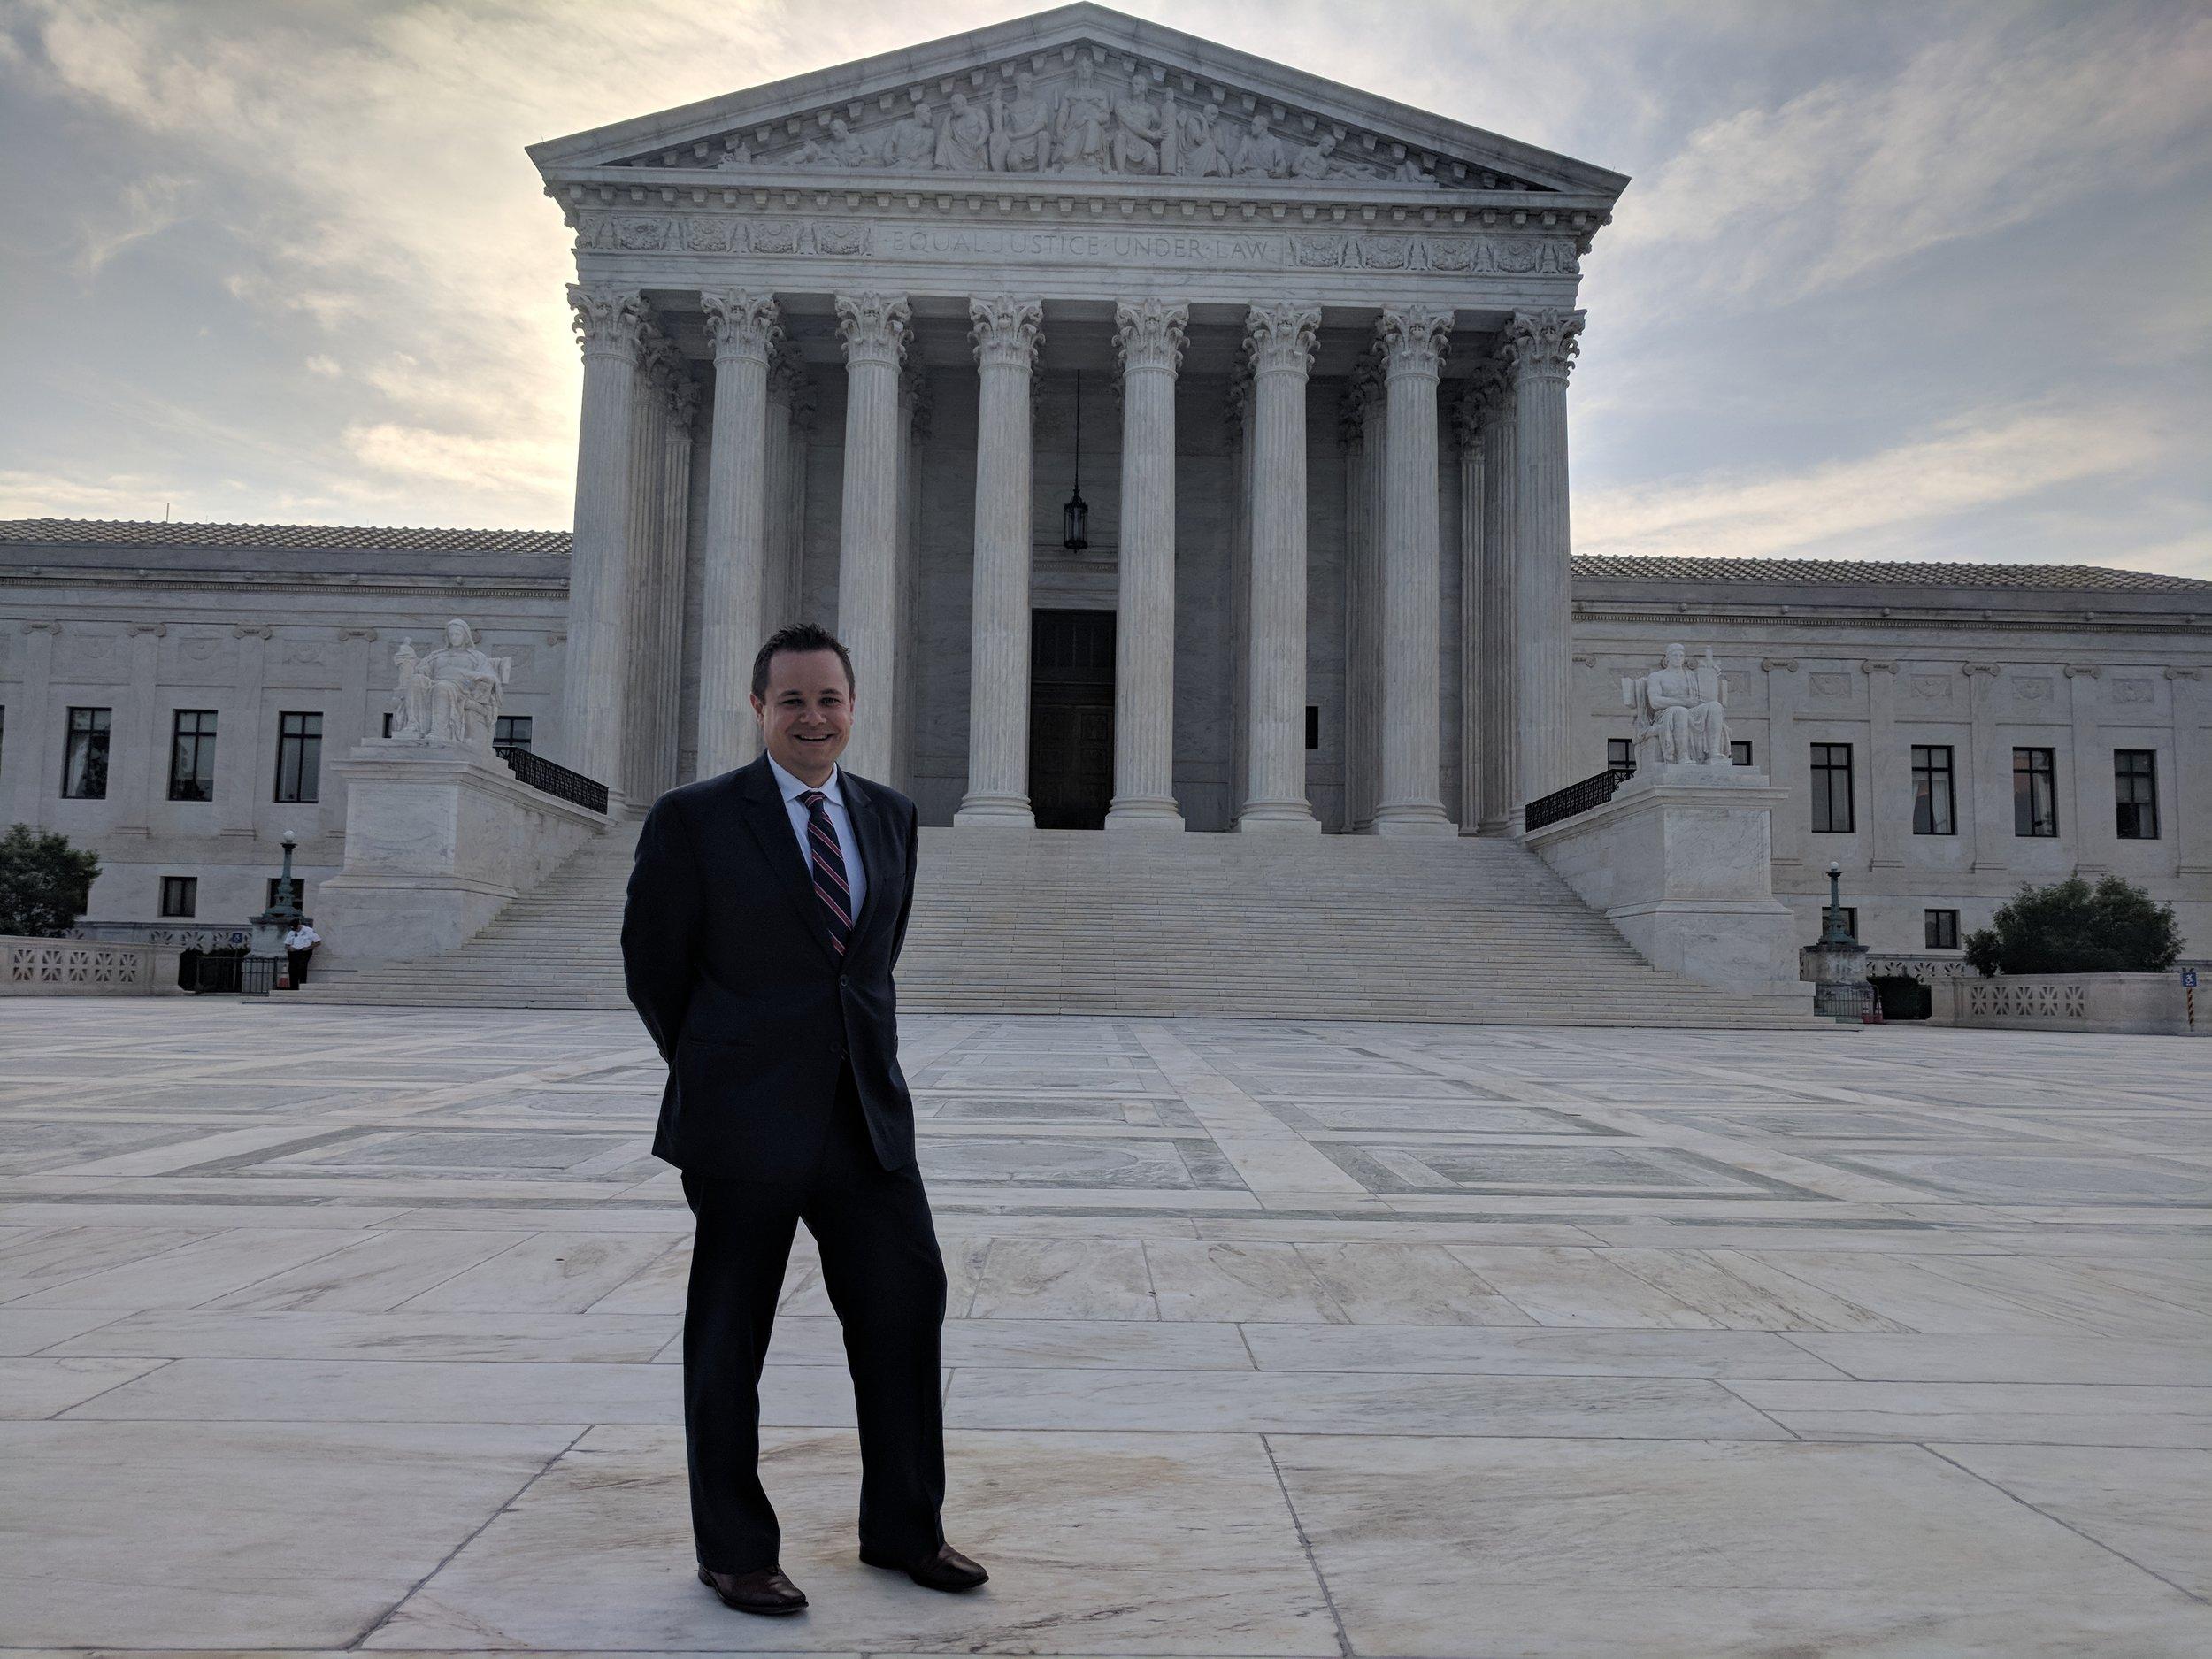 2018_05_21 Ouellette at US Supreme Court.jpg